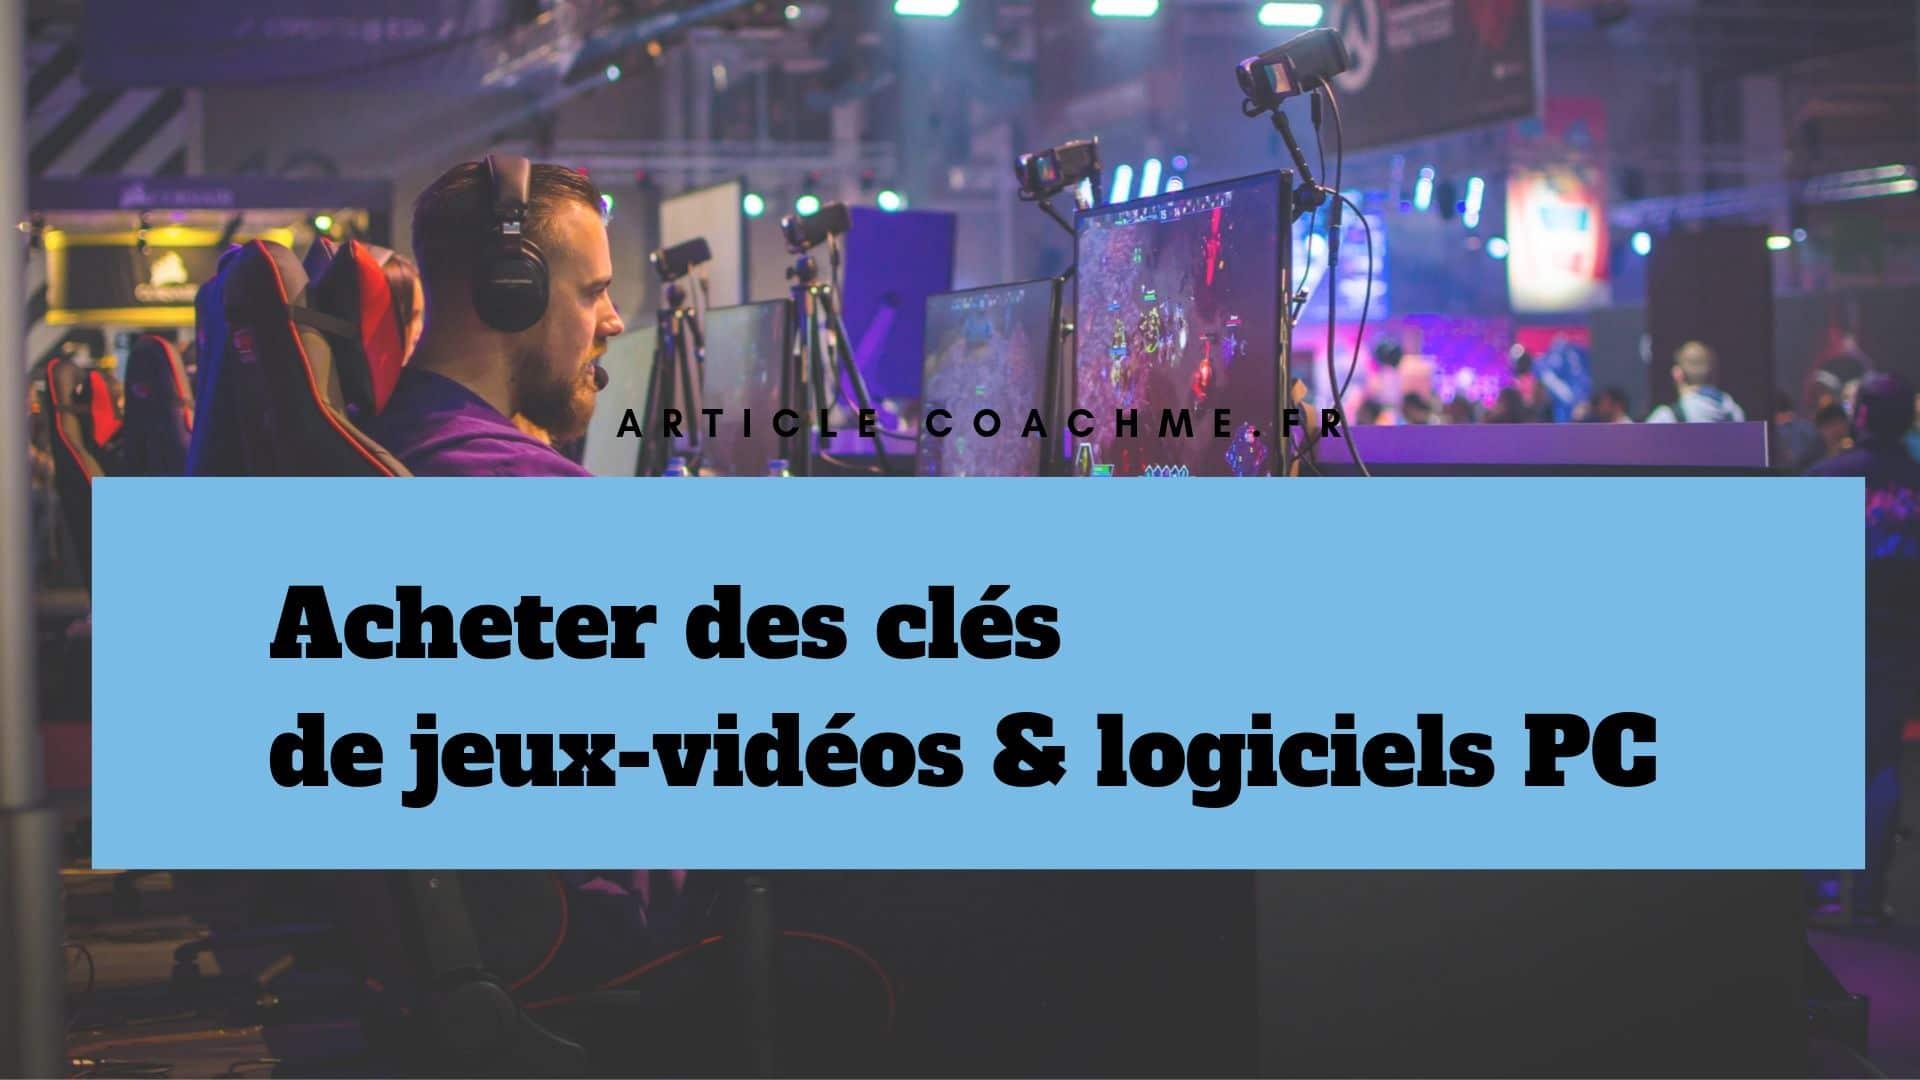 9 Sites Pour Acheter Des Clés De Jeux-Vidéos & Logiciels Pc destiné Logiciel Jeux Pc